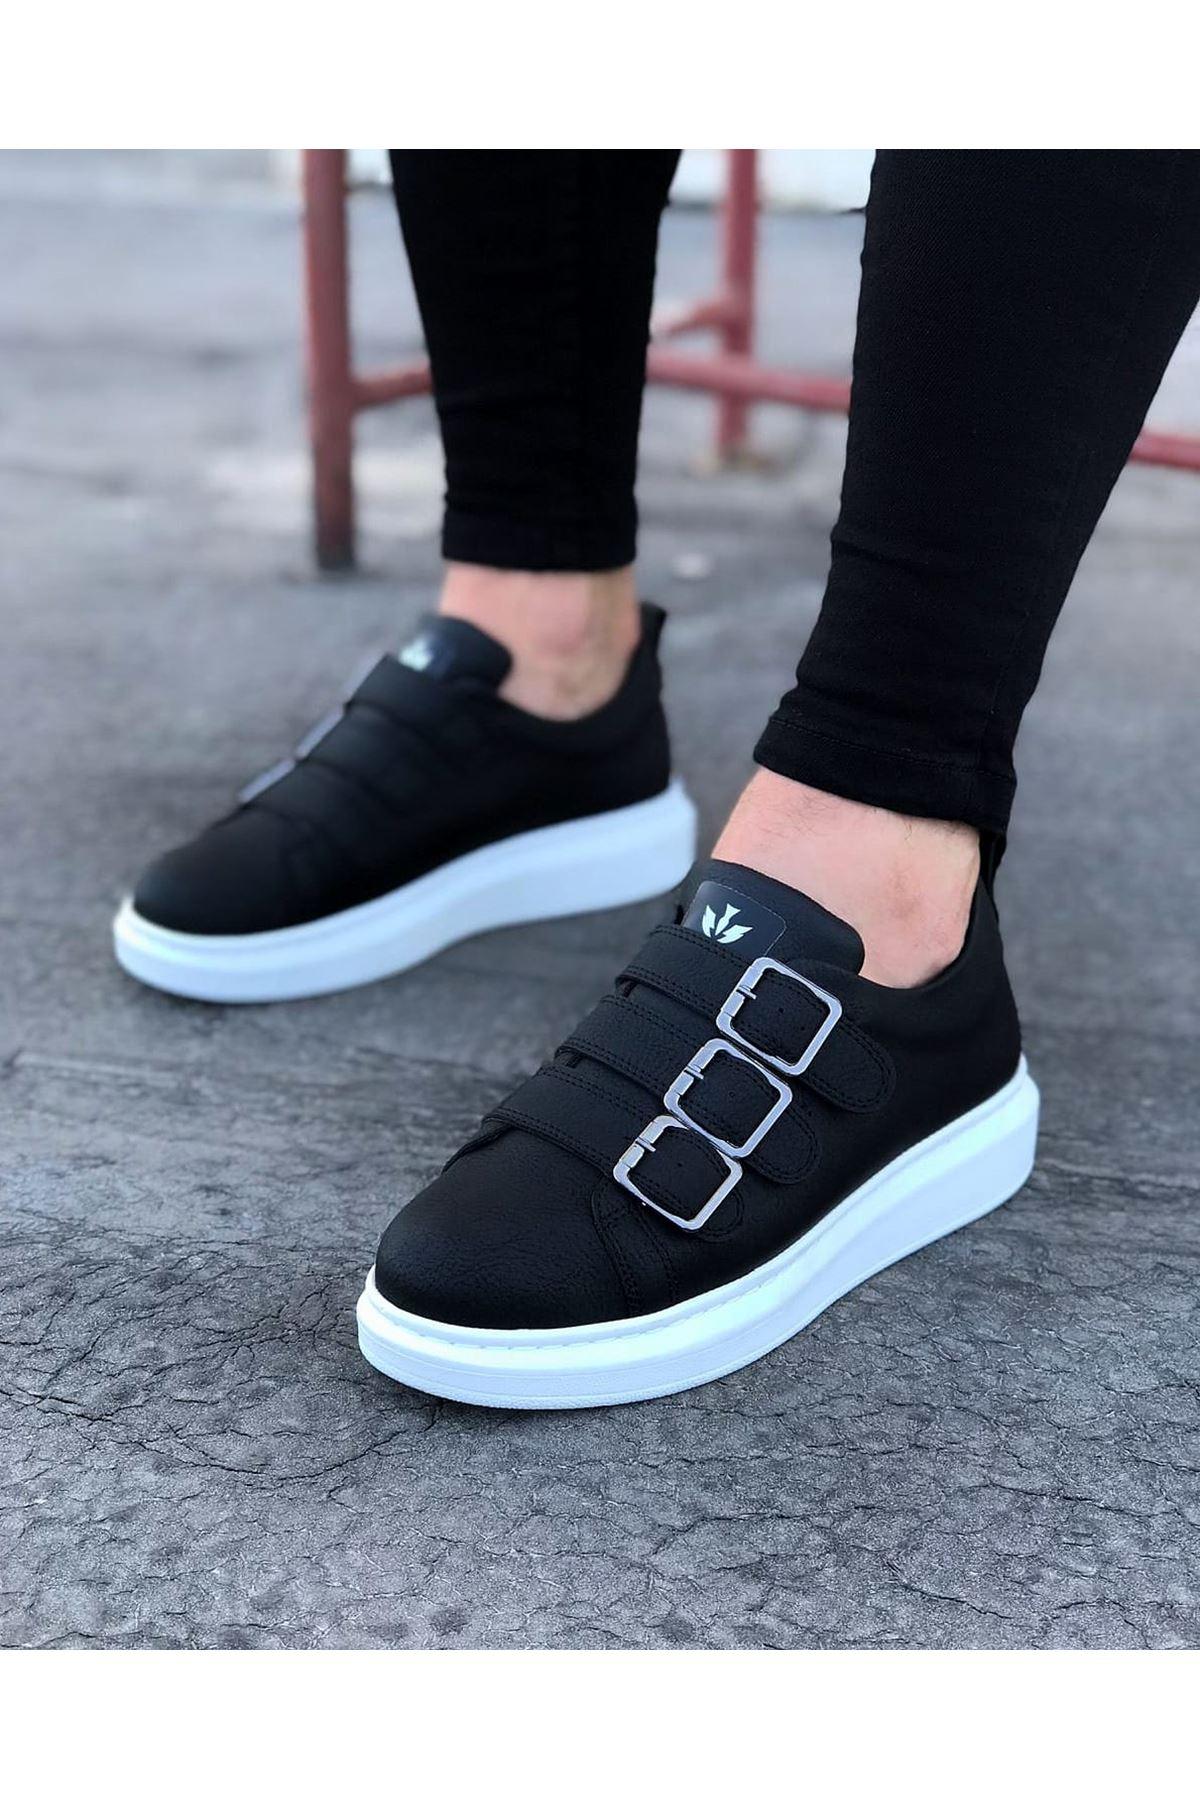 Wagoon WG050 Siyah Tokalı Kalın Taban Erkek Ayakkabı